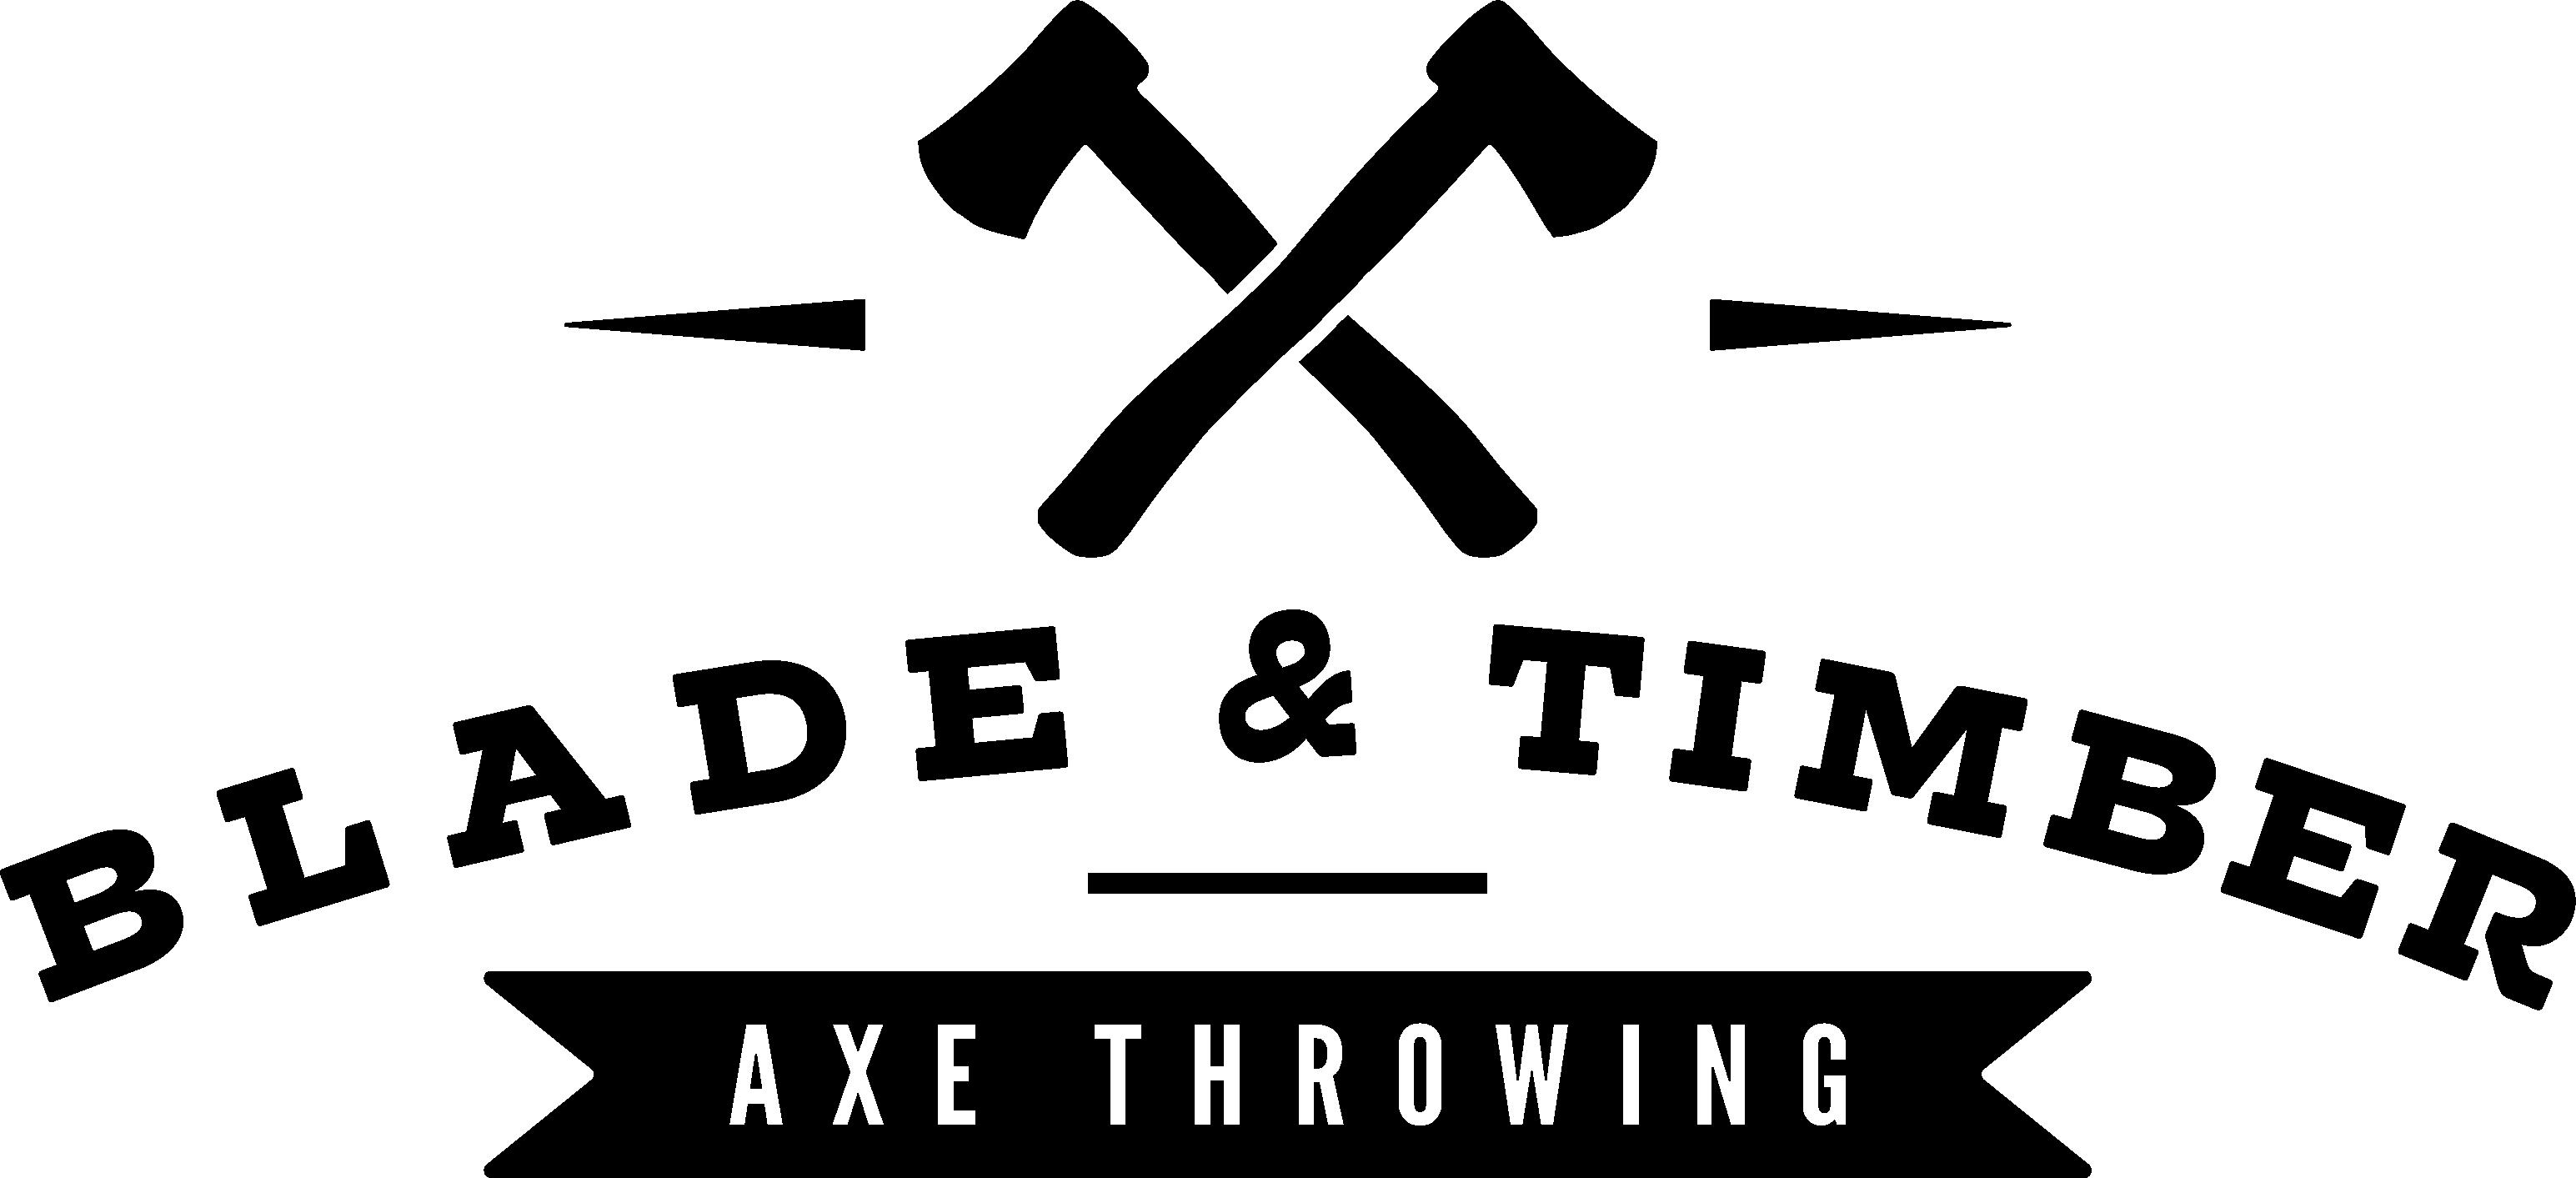 Blade & Timber logo